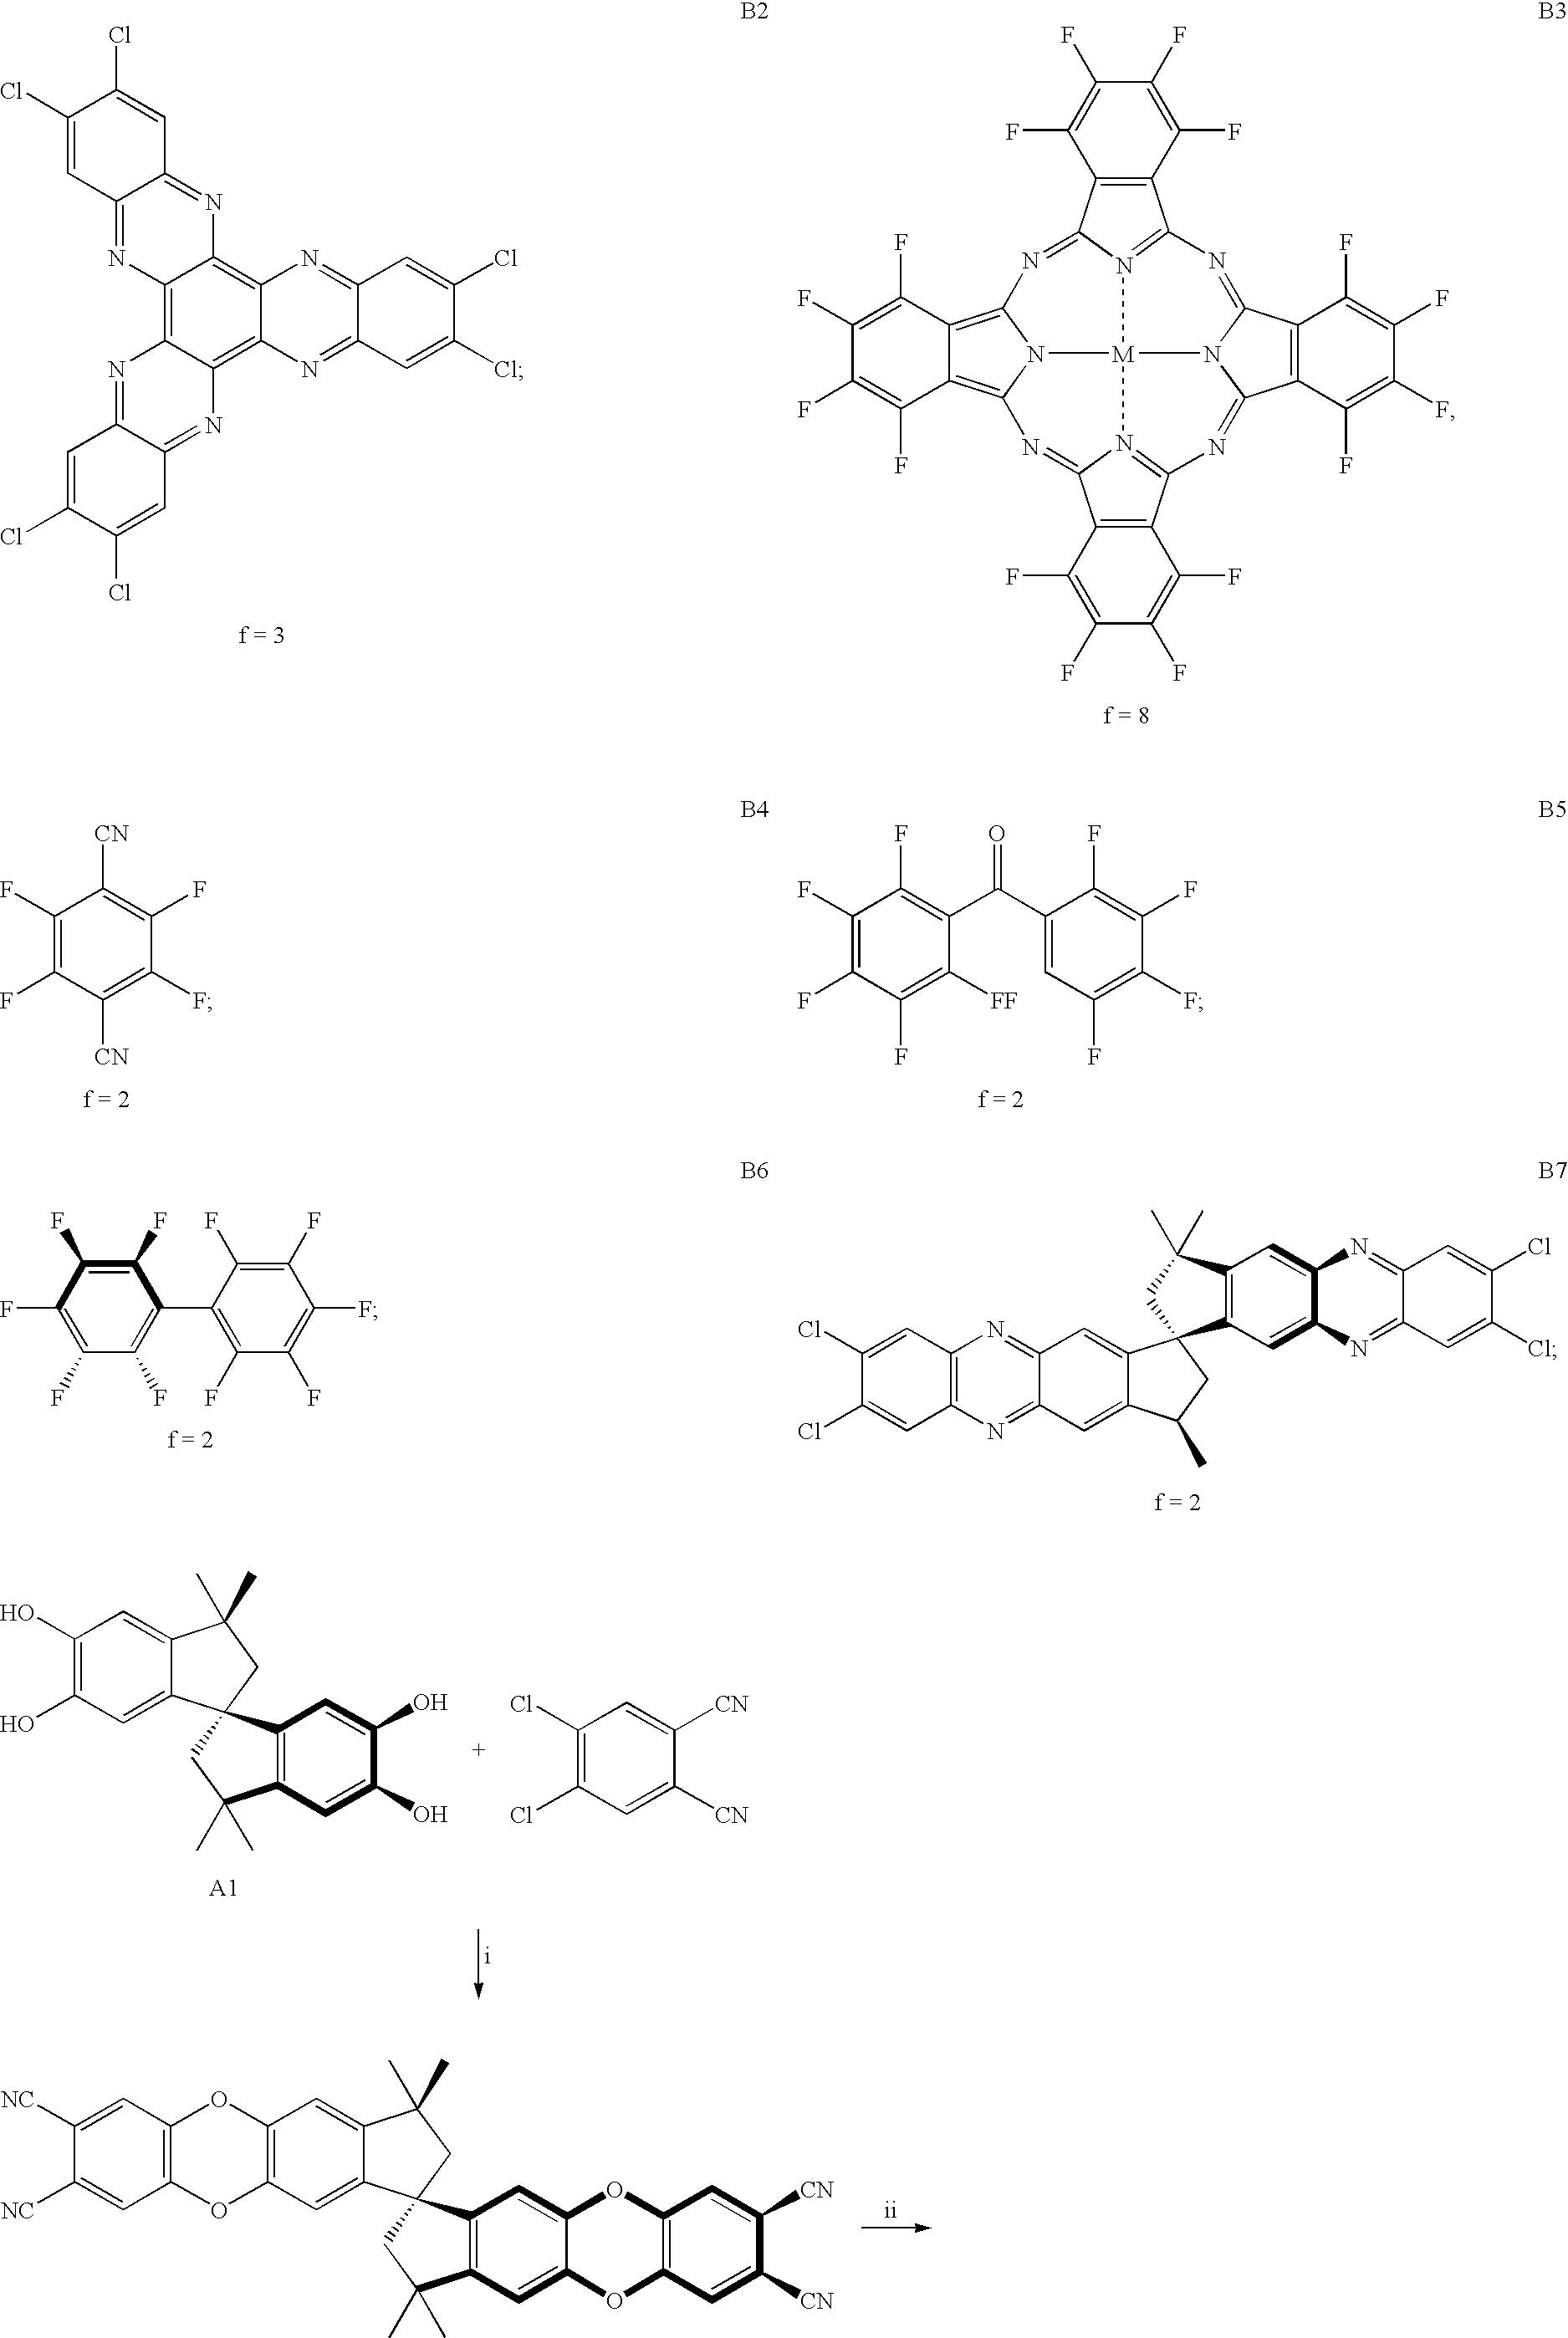 Figure US20070209505A1-20070913-C00002